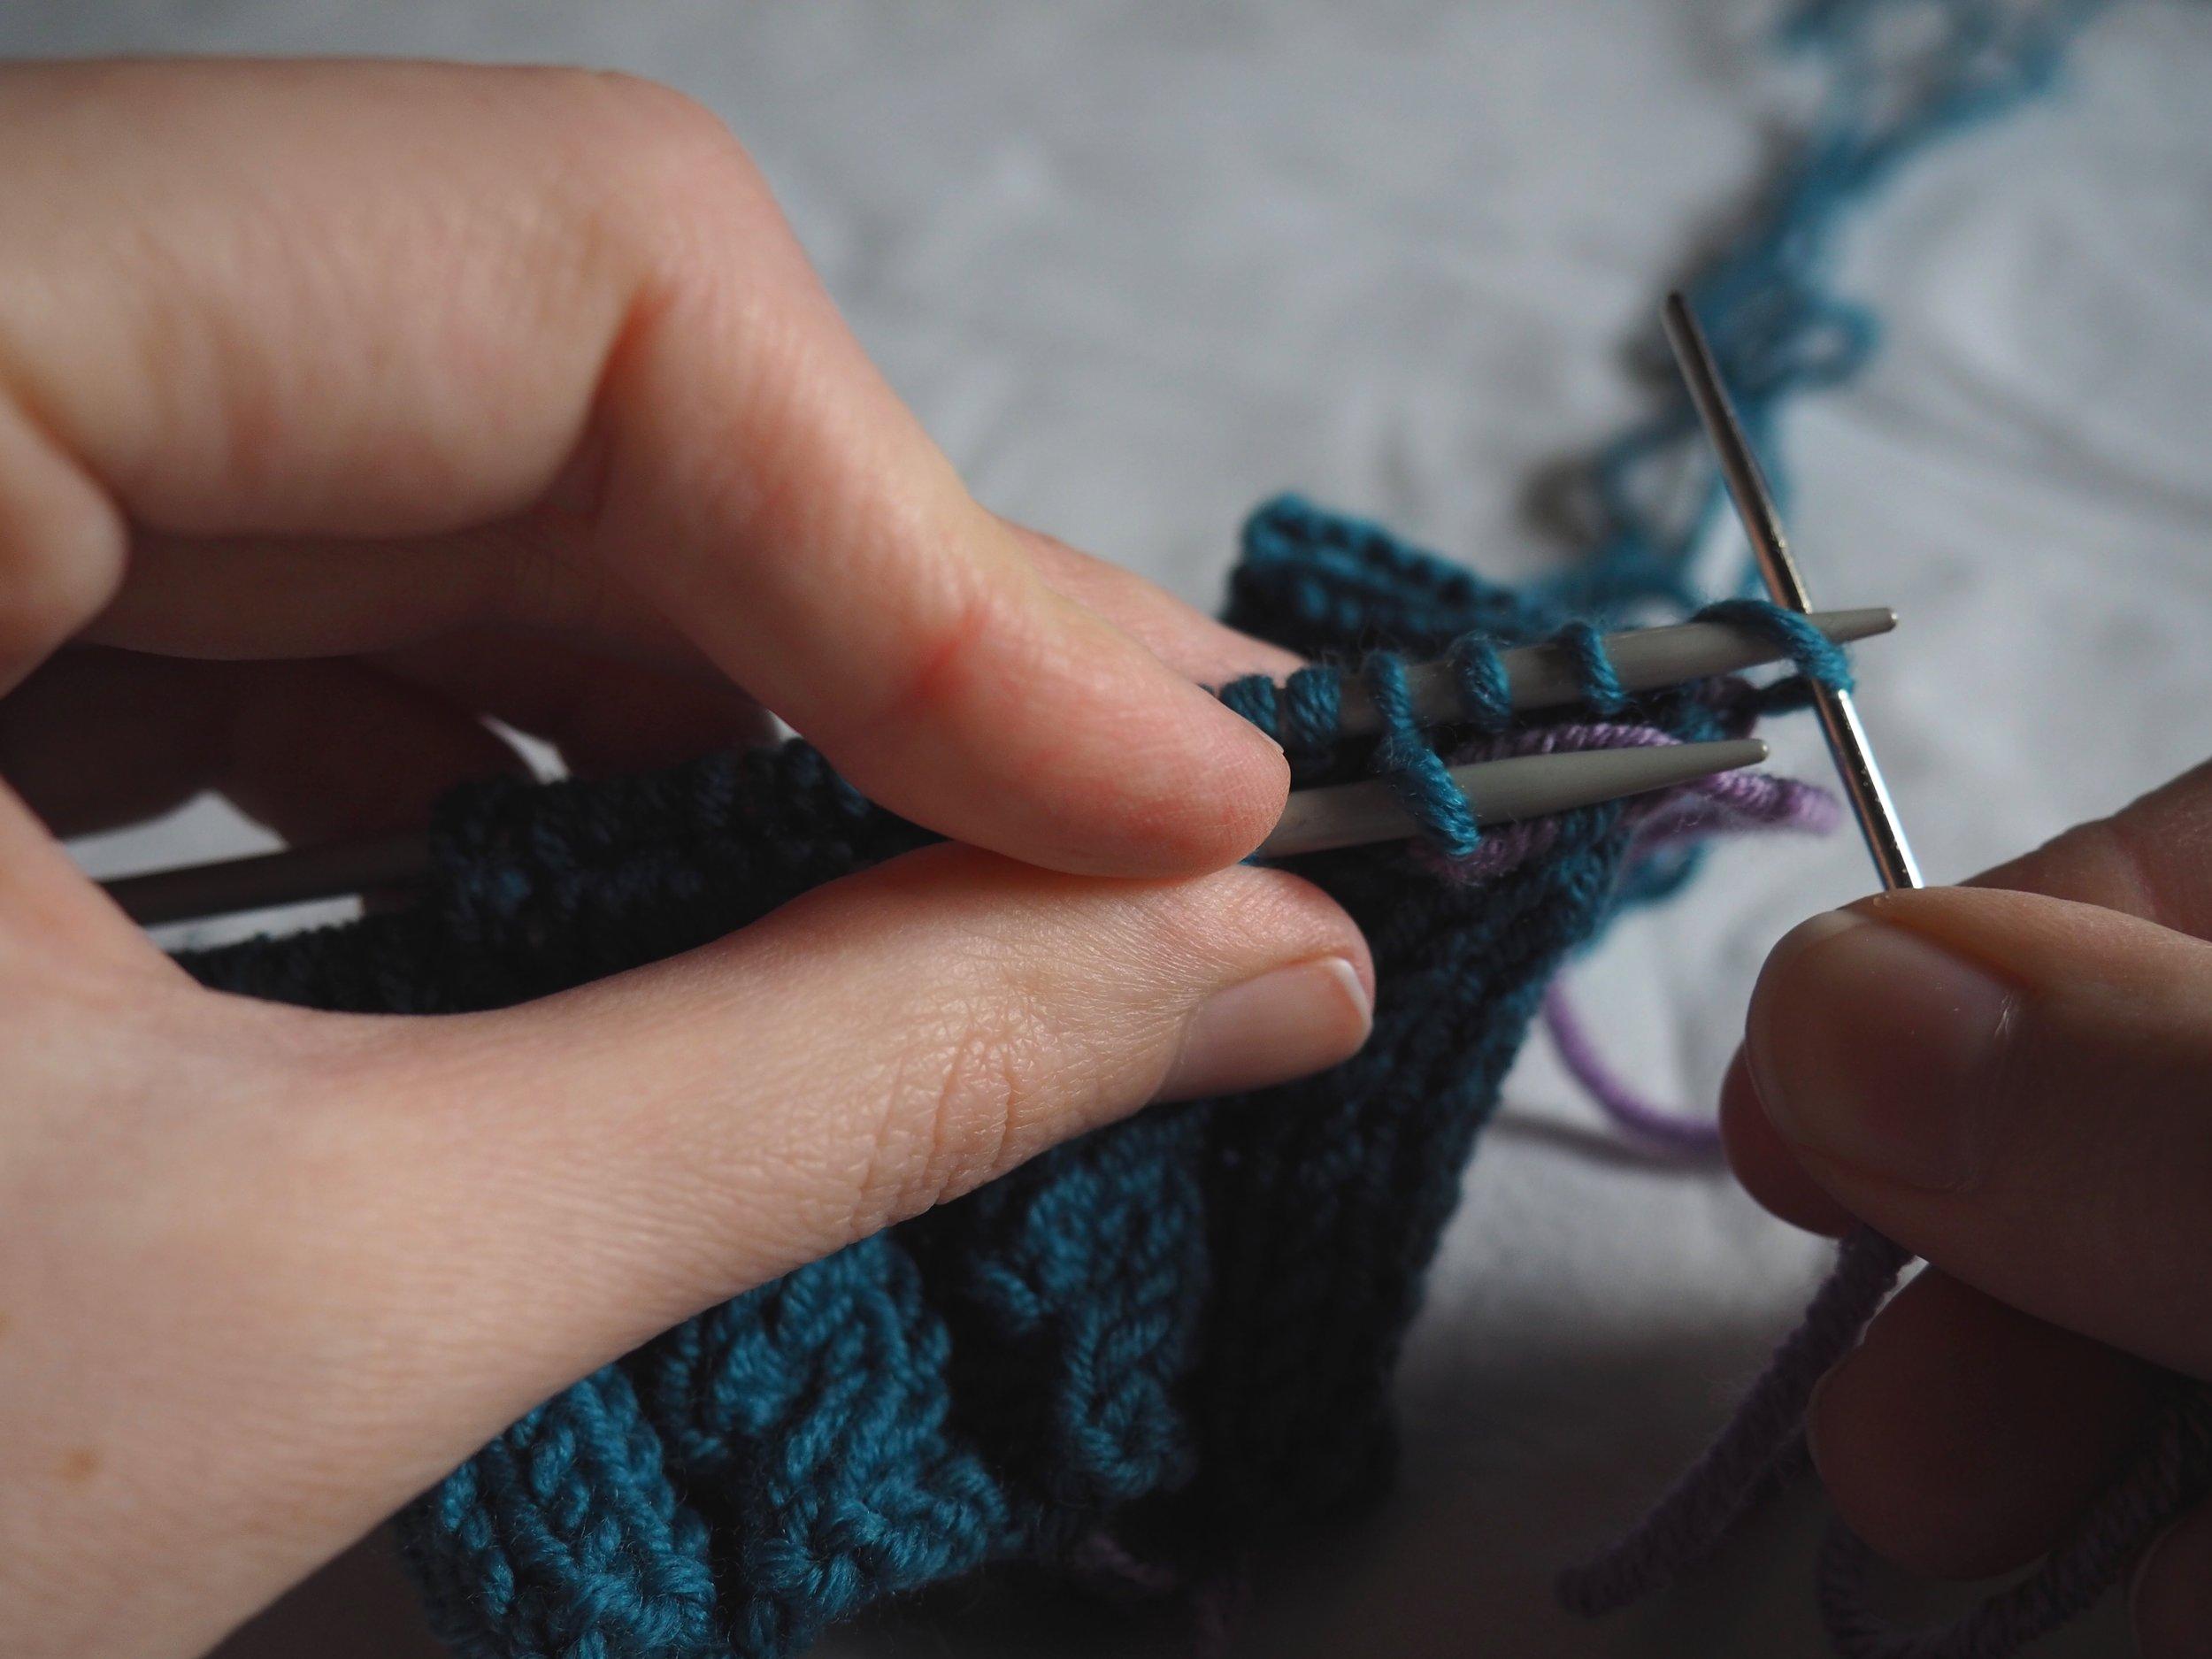 Aiguille 2  : Insérez l'aiguille à laine dans le 1è maille comme pour faire une maille endroit et faites la glisser de l'aiguille,